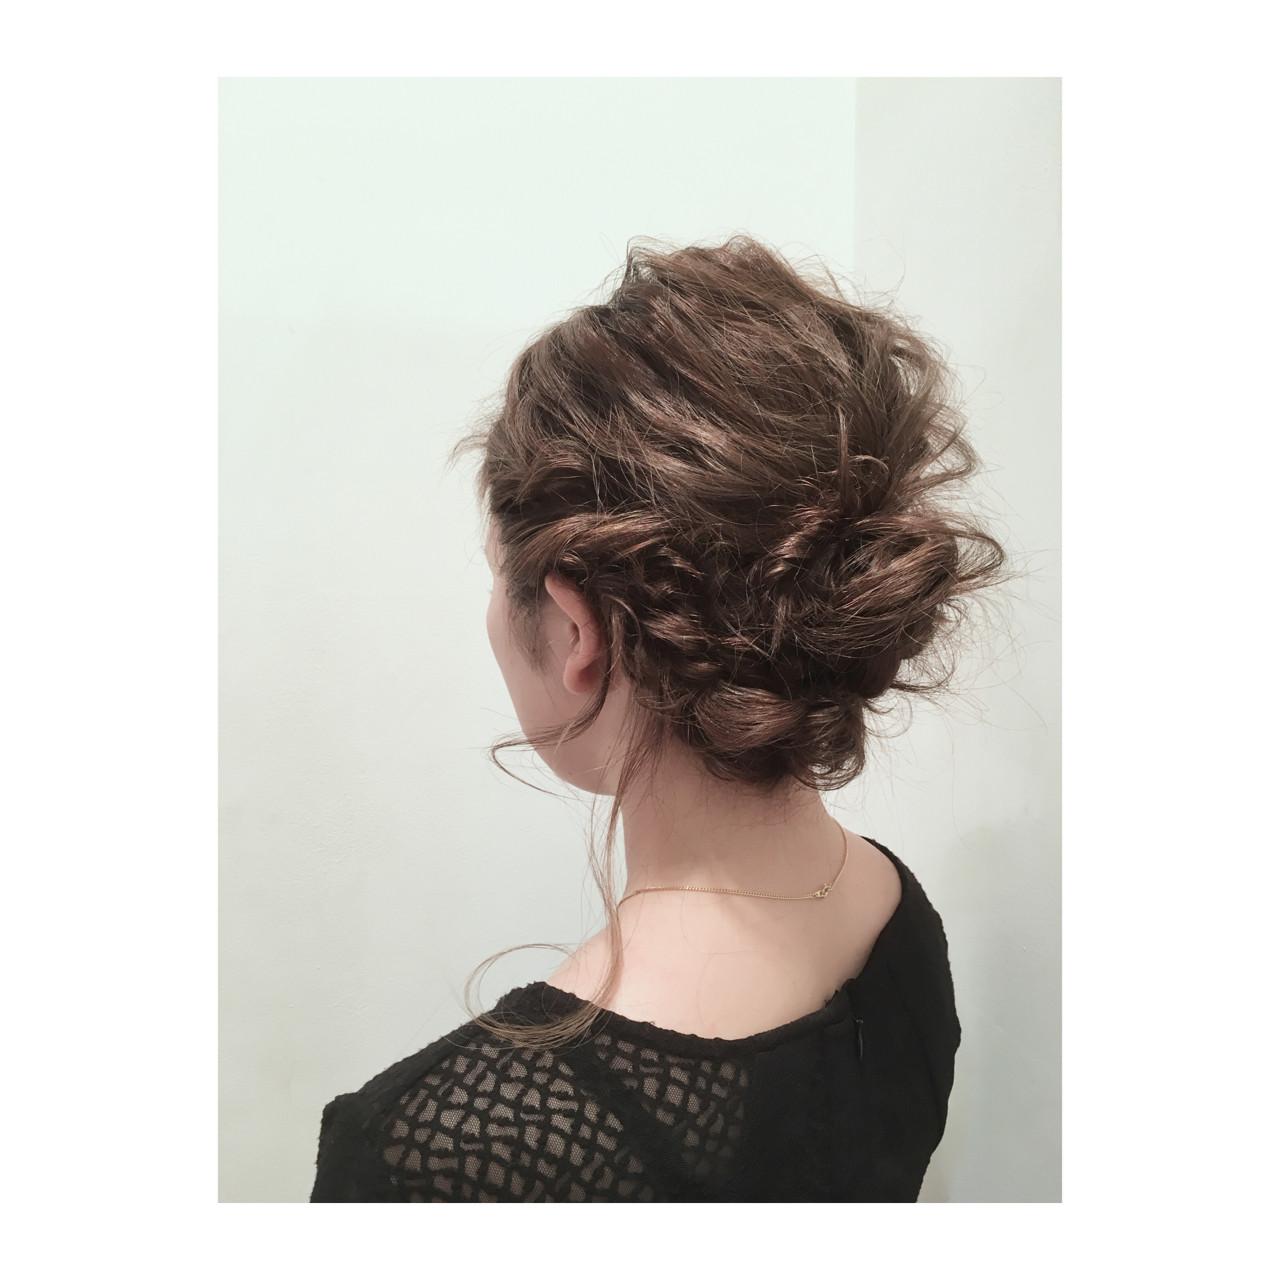 ゆるふわ 簡単ヘアアレンジ セミロング ヘアアレンジ ヘアスタイルや髪型の写真・画像